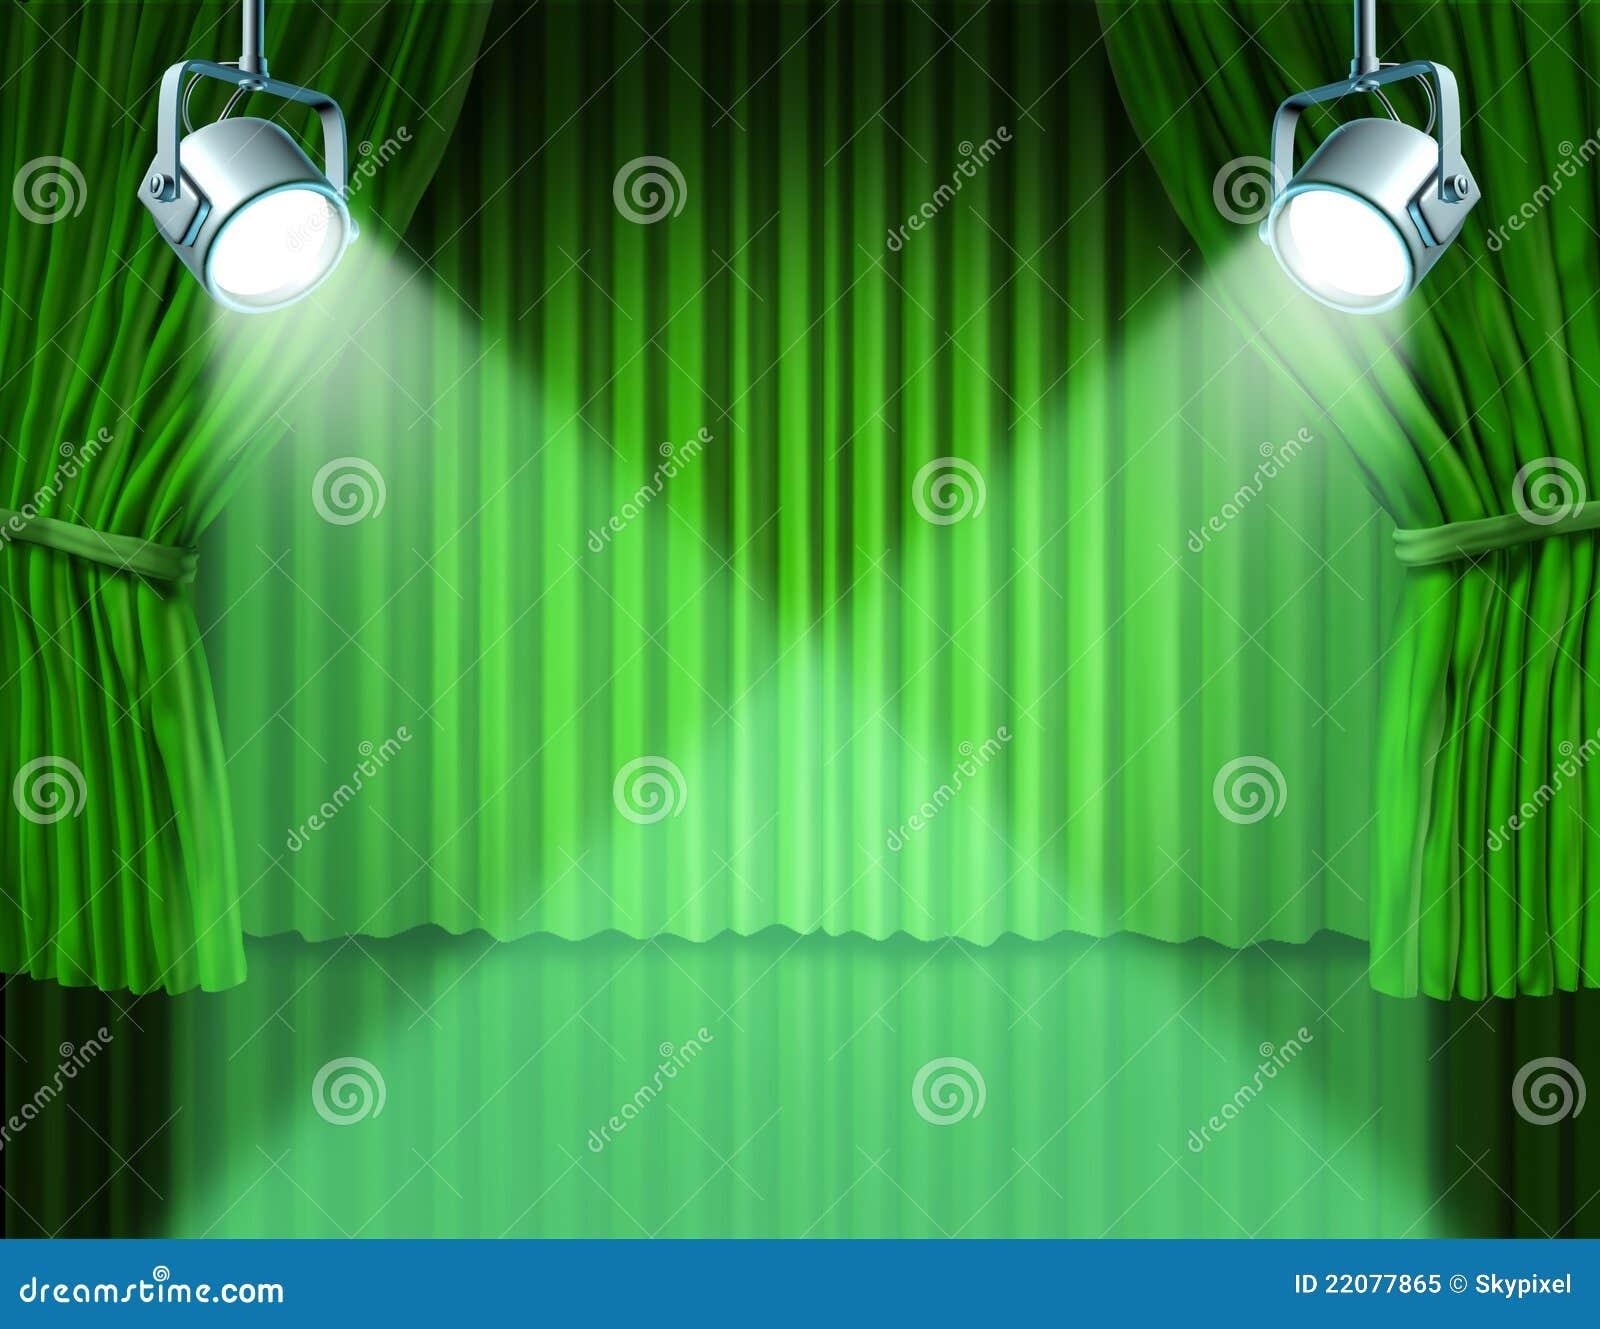 Projectores em cortinas verdes do cinema de veludo foto de for Cortinas verdes para salon